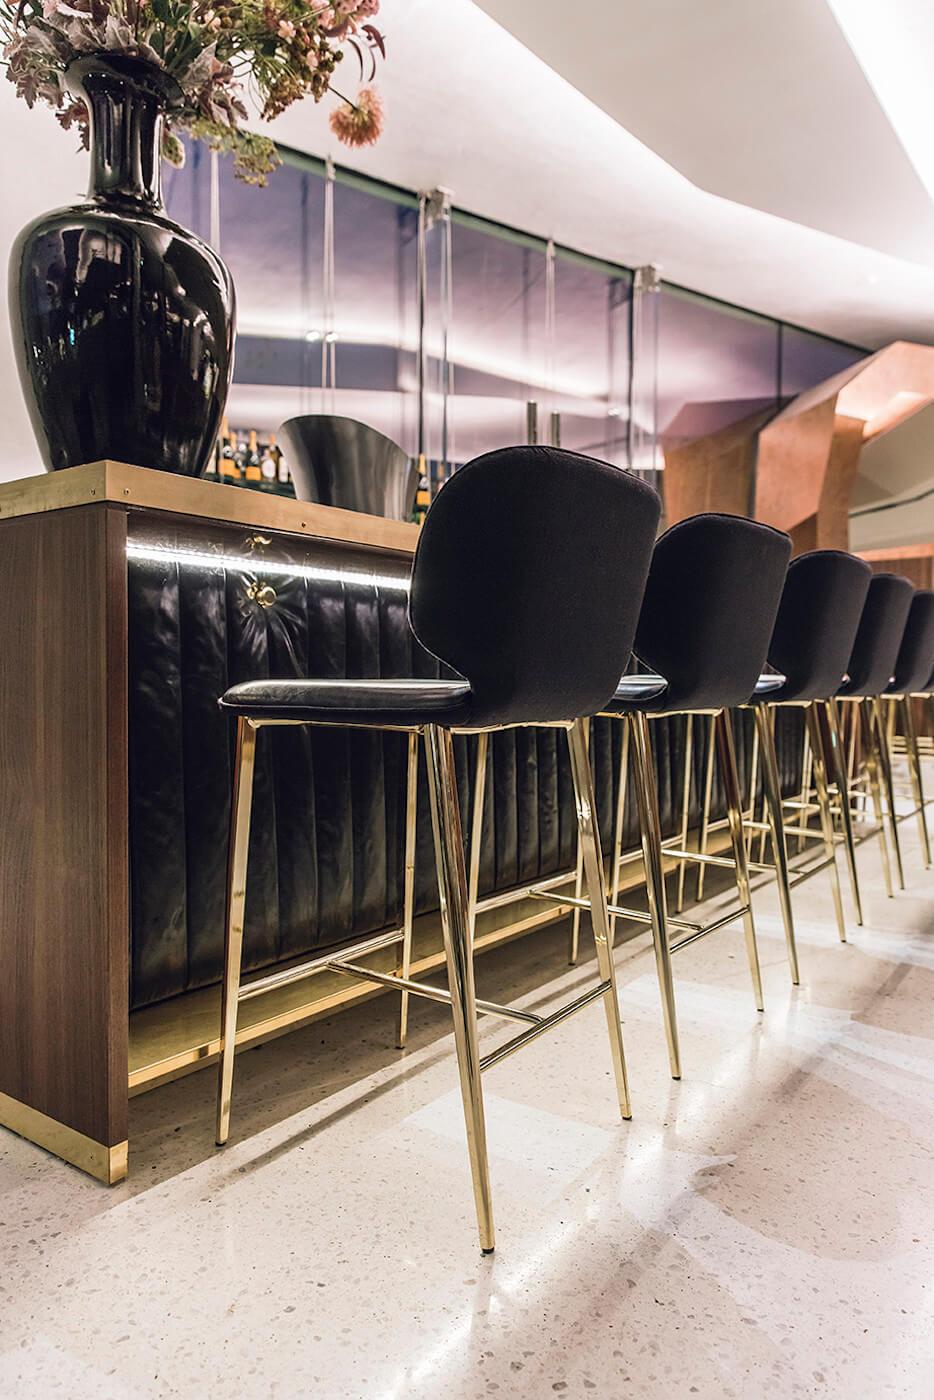 Wrap sgabelli da bar realizzati in finitura custom